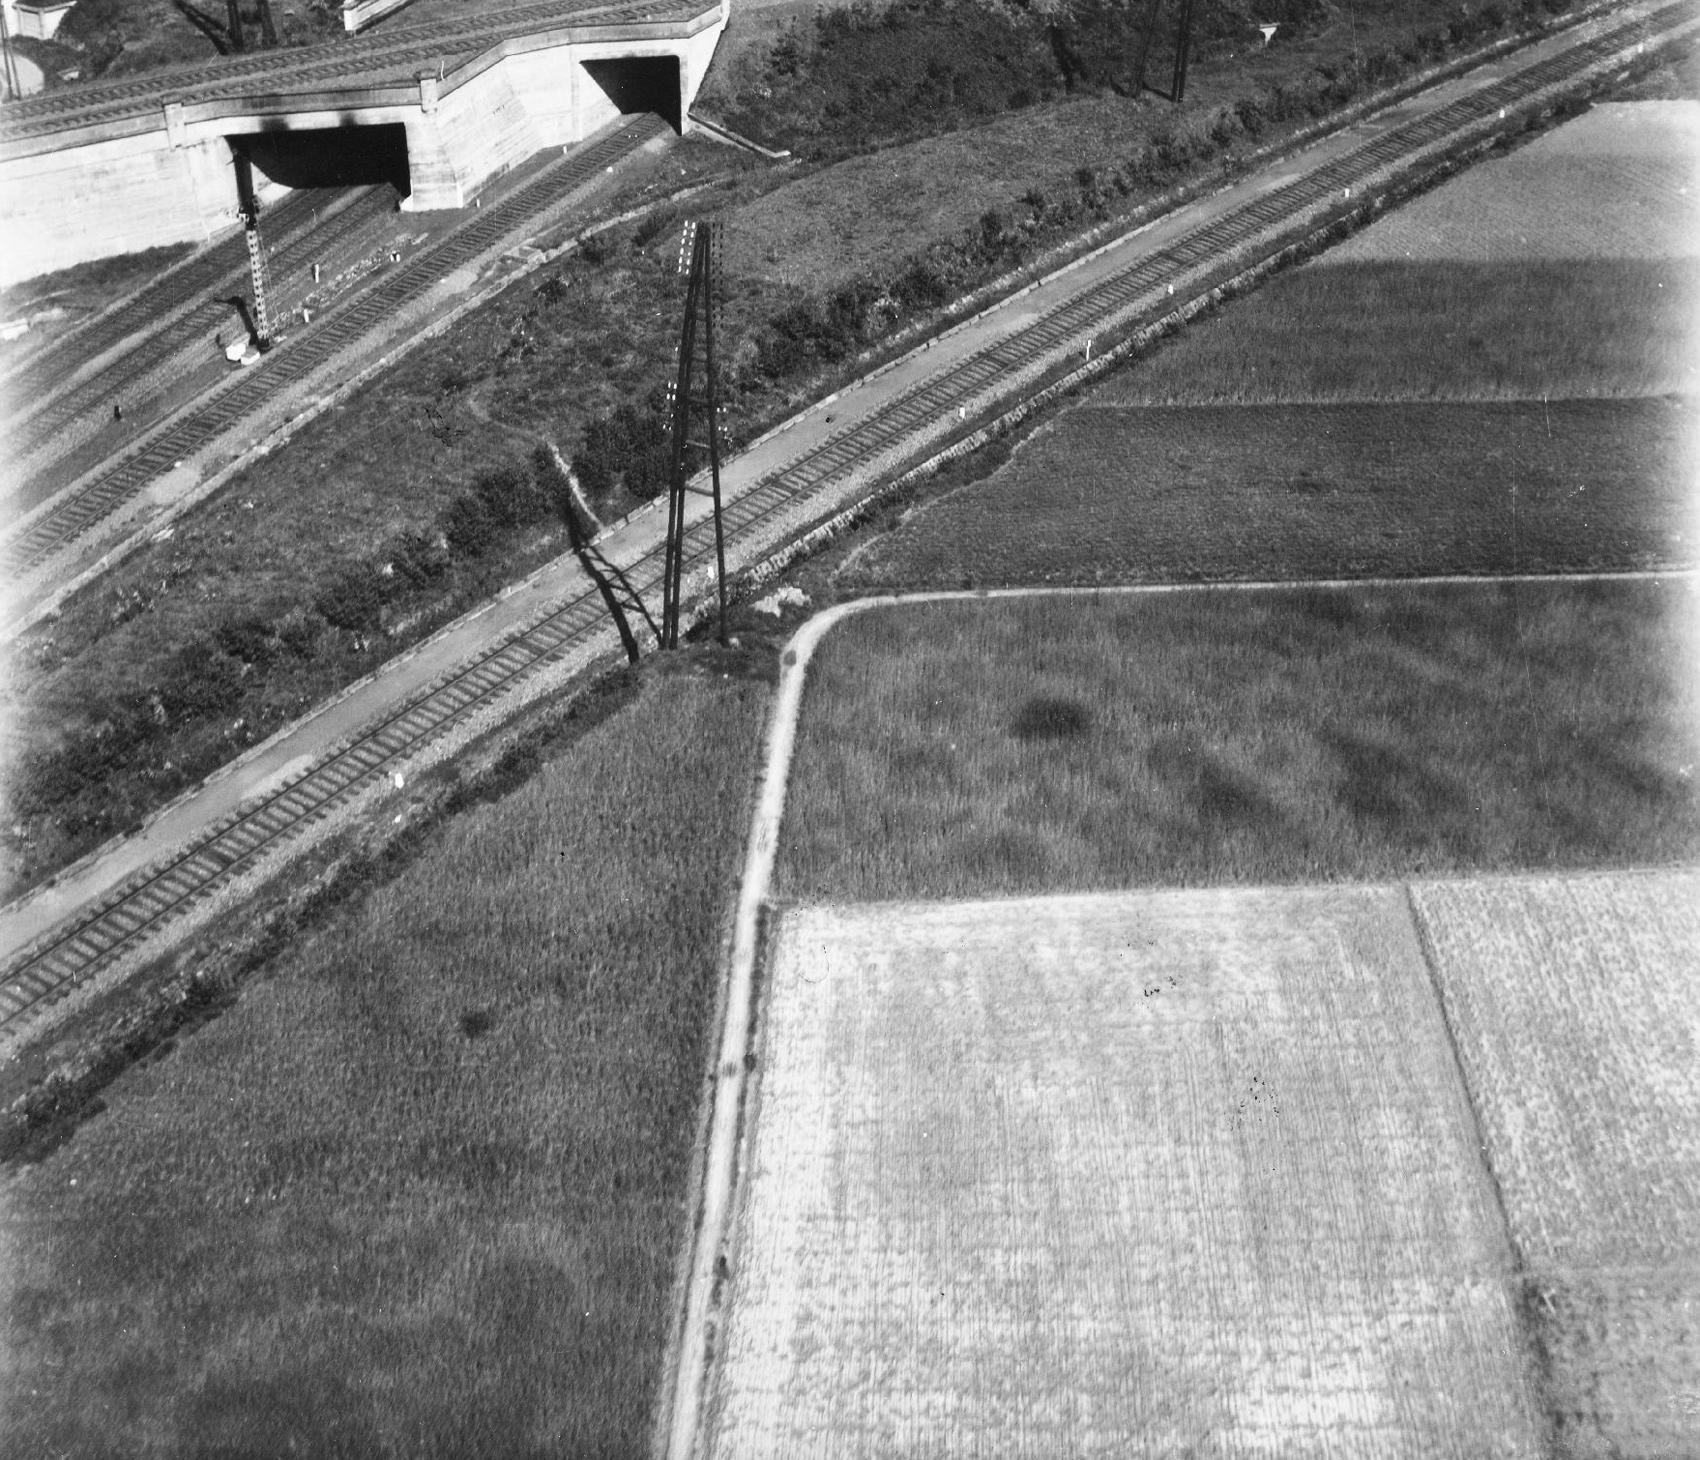 Luftbild der Bahnstrecke zwischen den Stationen Liedekerke und Essene-Lombeek bei Denderleeuw (Belgien)